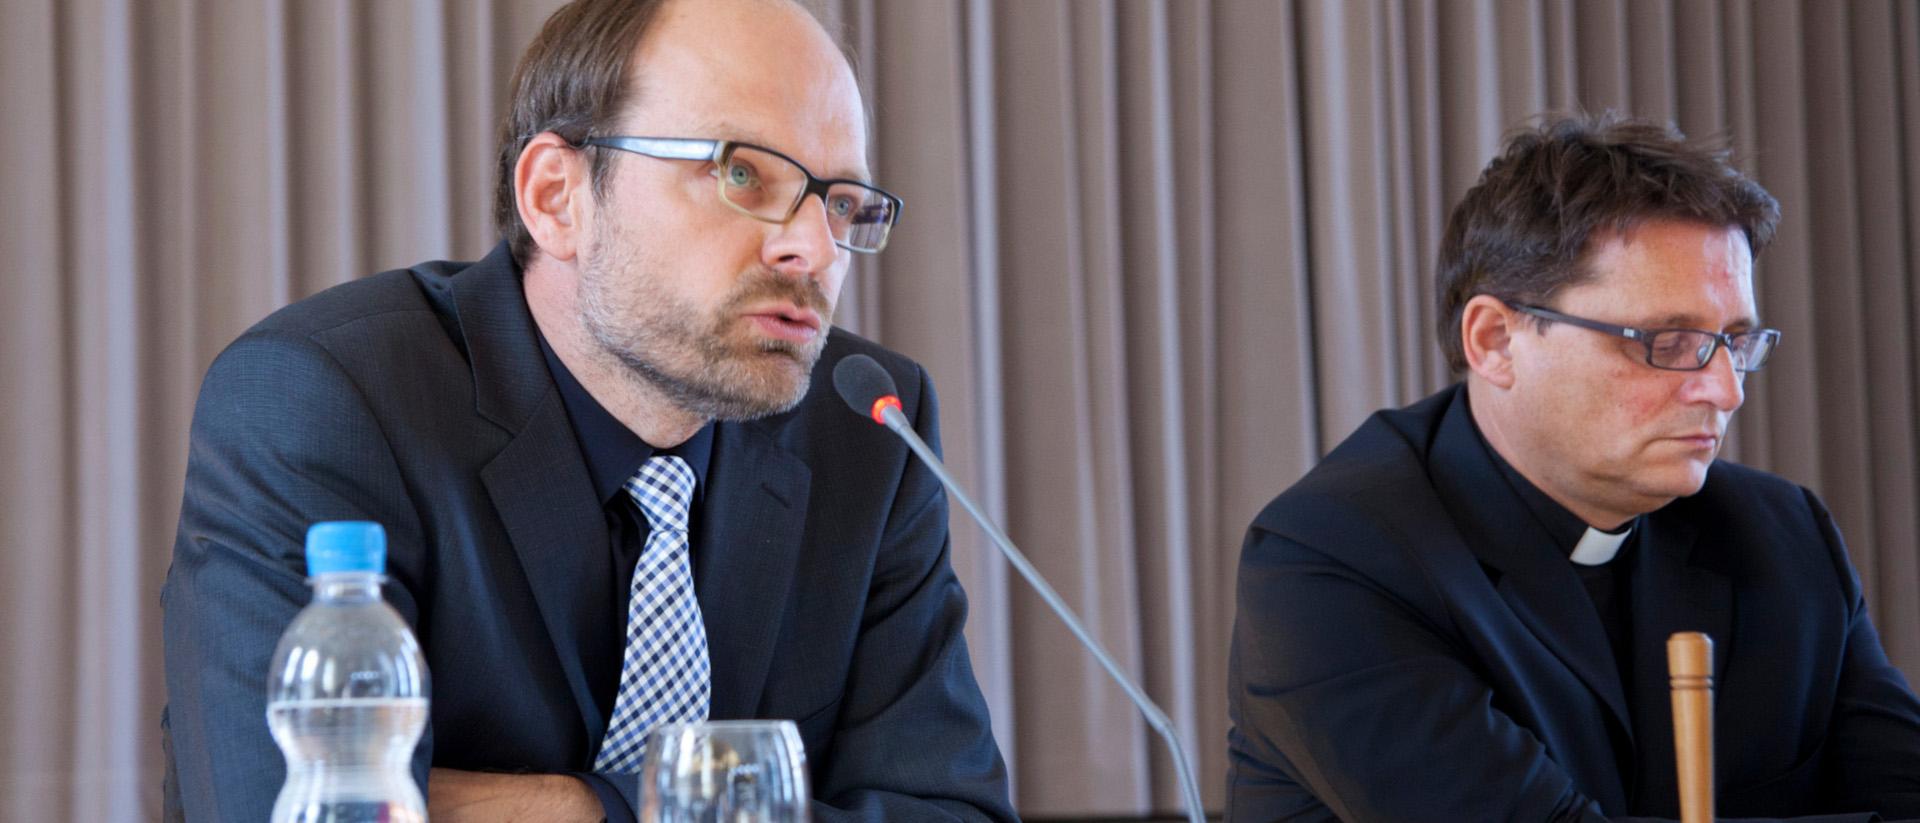 Luc Humbel, Präsident der Römisch-Katholischen Zentralkonferenz der Schweiz (RKZ) und Kirchenratspräsident der Römisch-Katholischen Landeskirche im Aargau und Bischof Felix Gmür